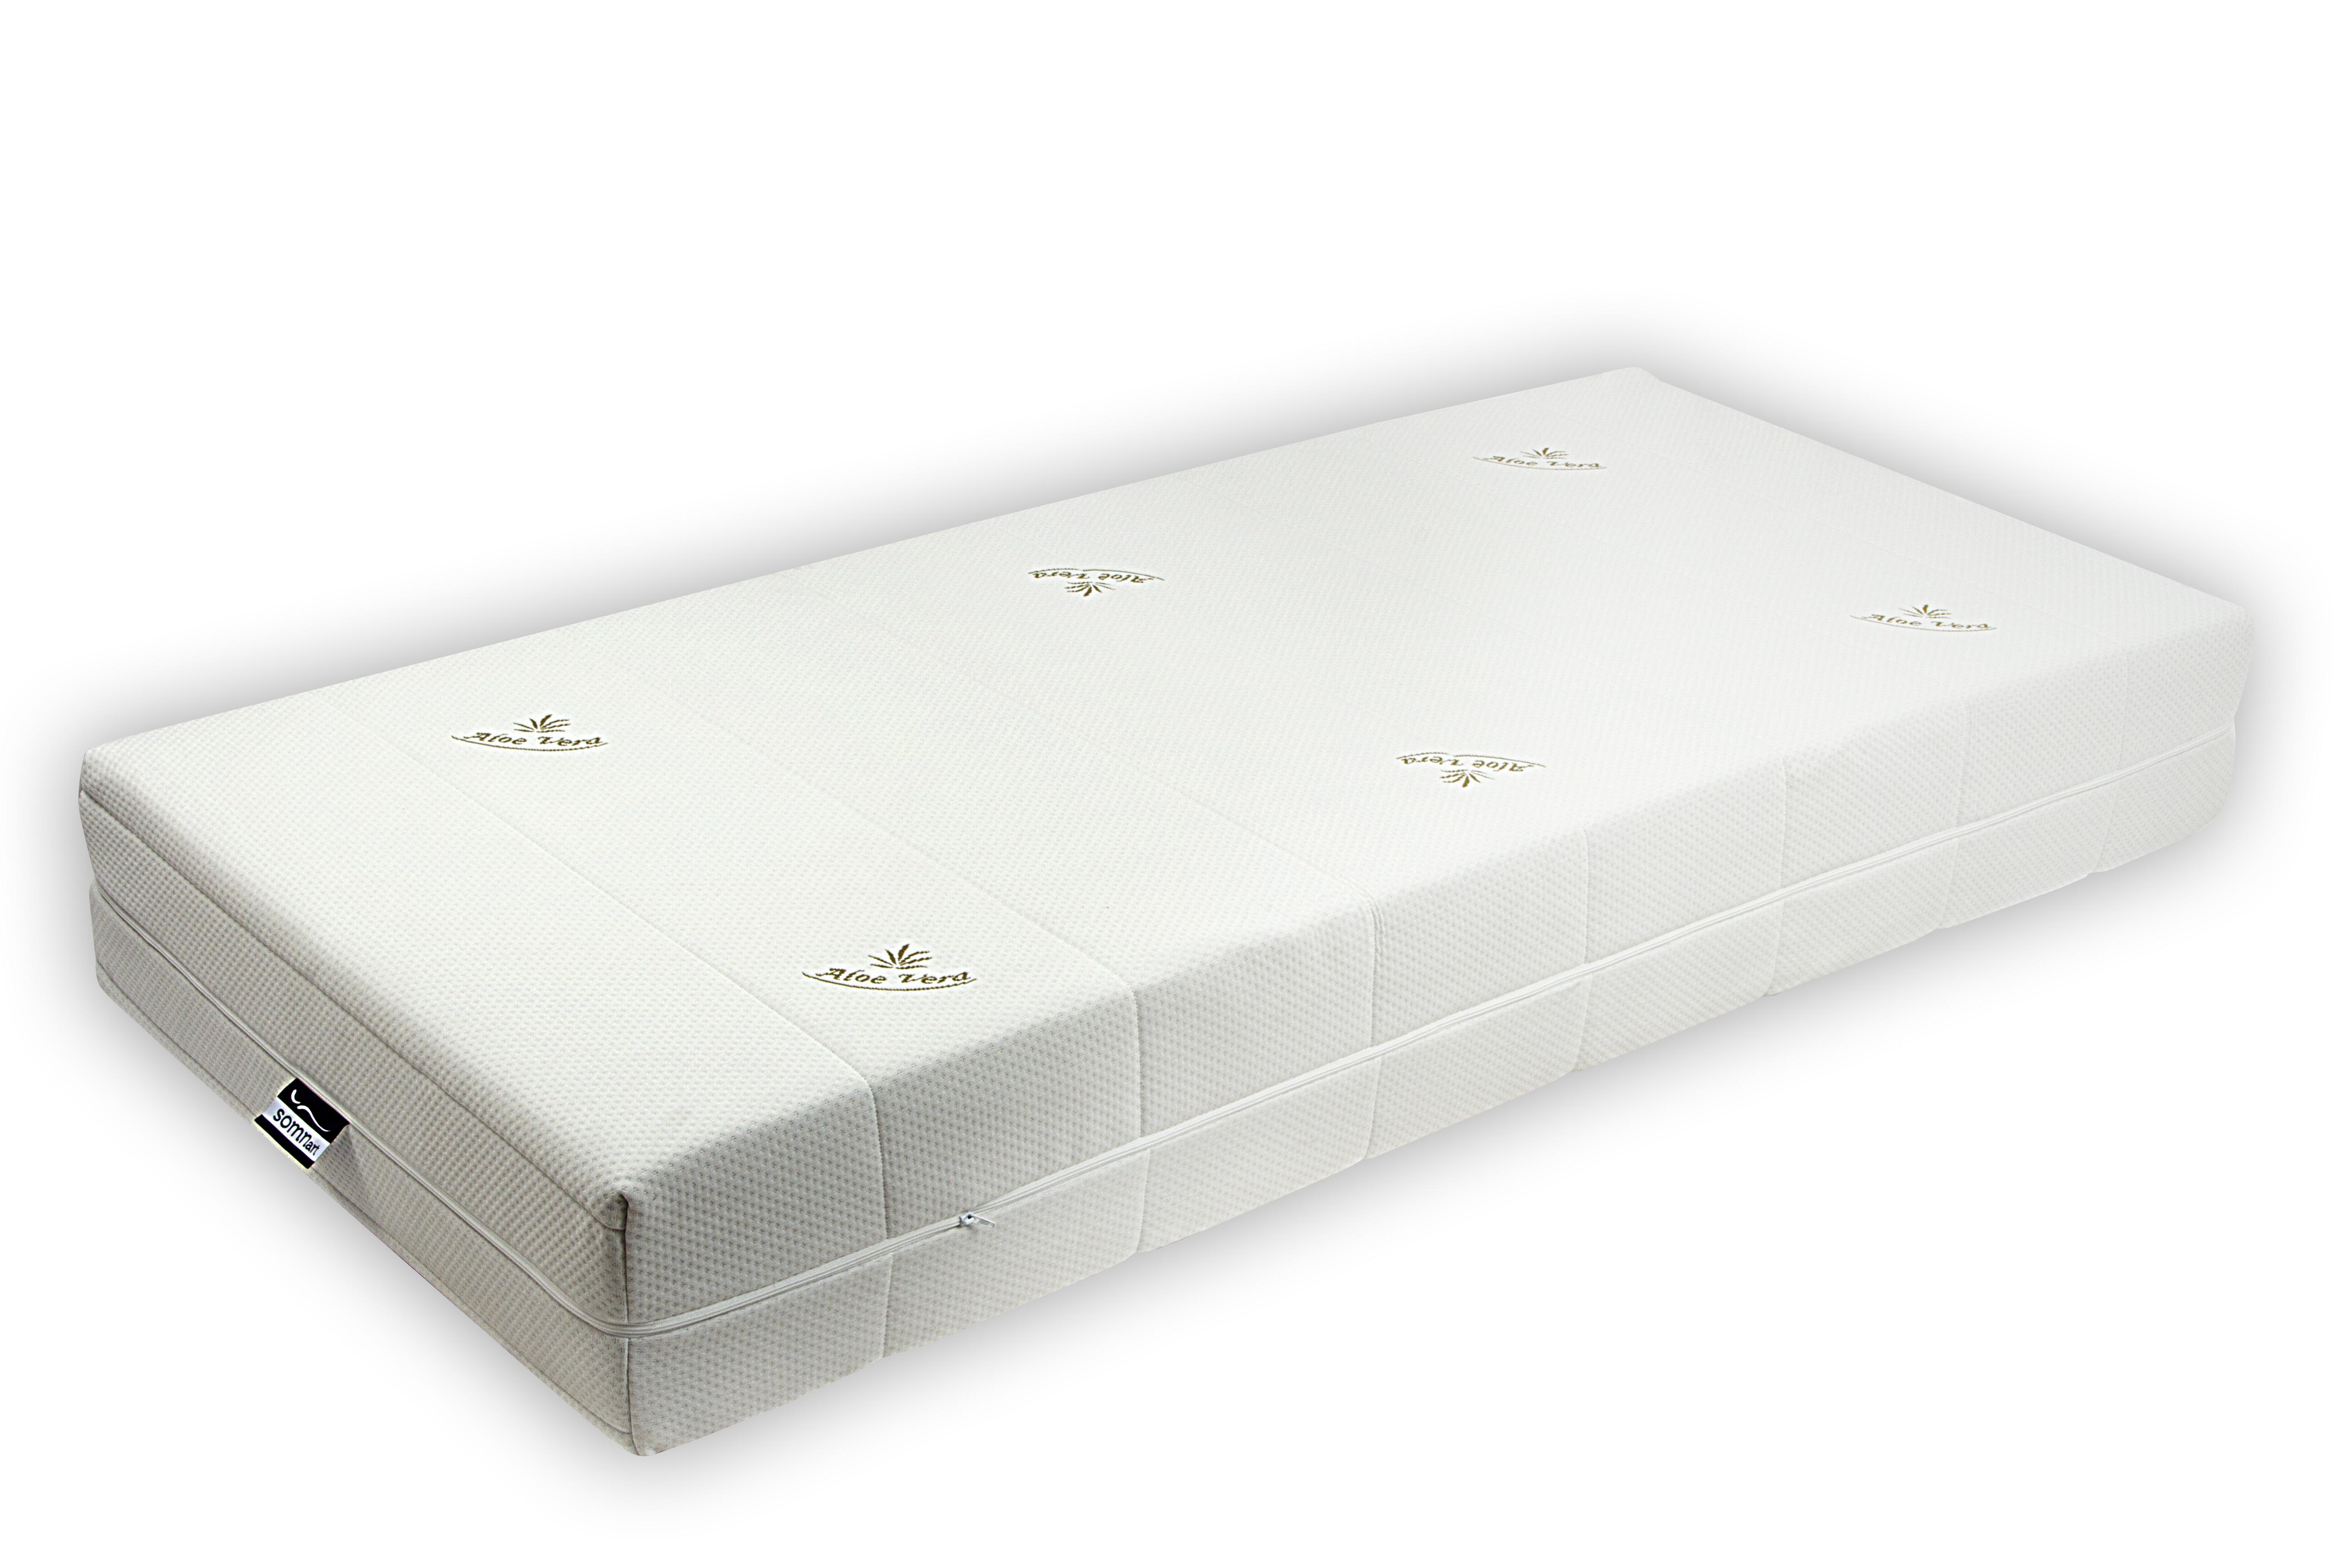 vânzare cu ridicata design inovator ieftin la reducere Saltea Somnart XXL Memory Plus (inaltime 25cm) pentru persoane cu ...